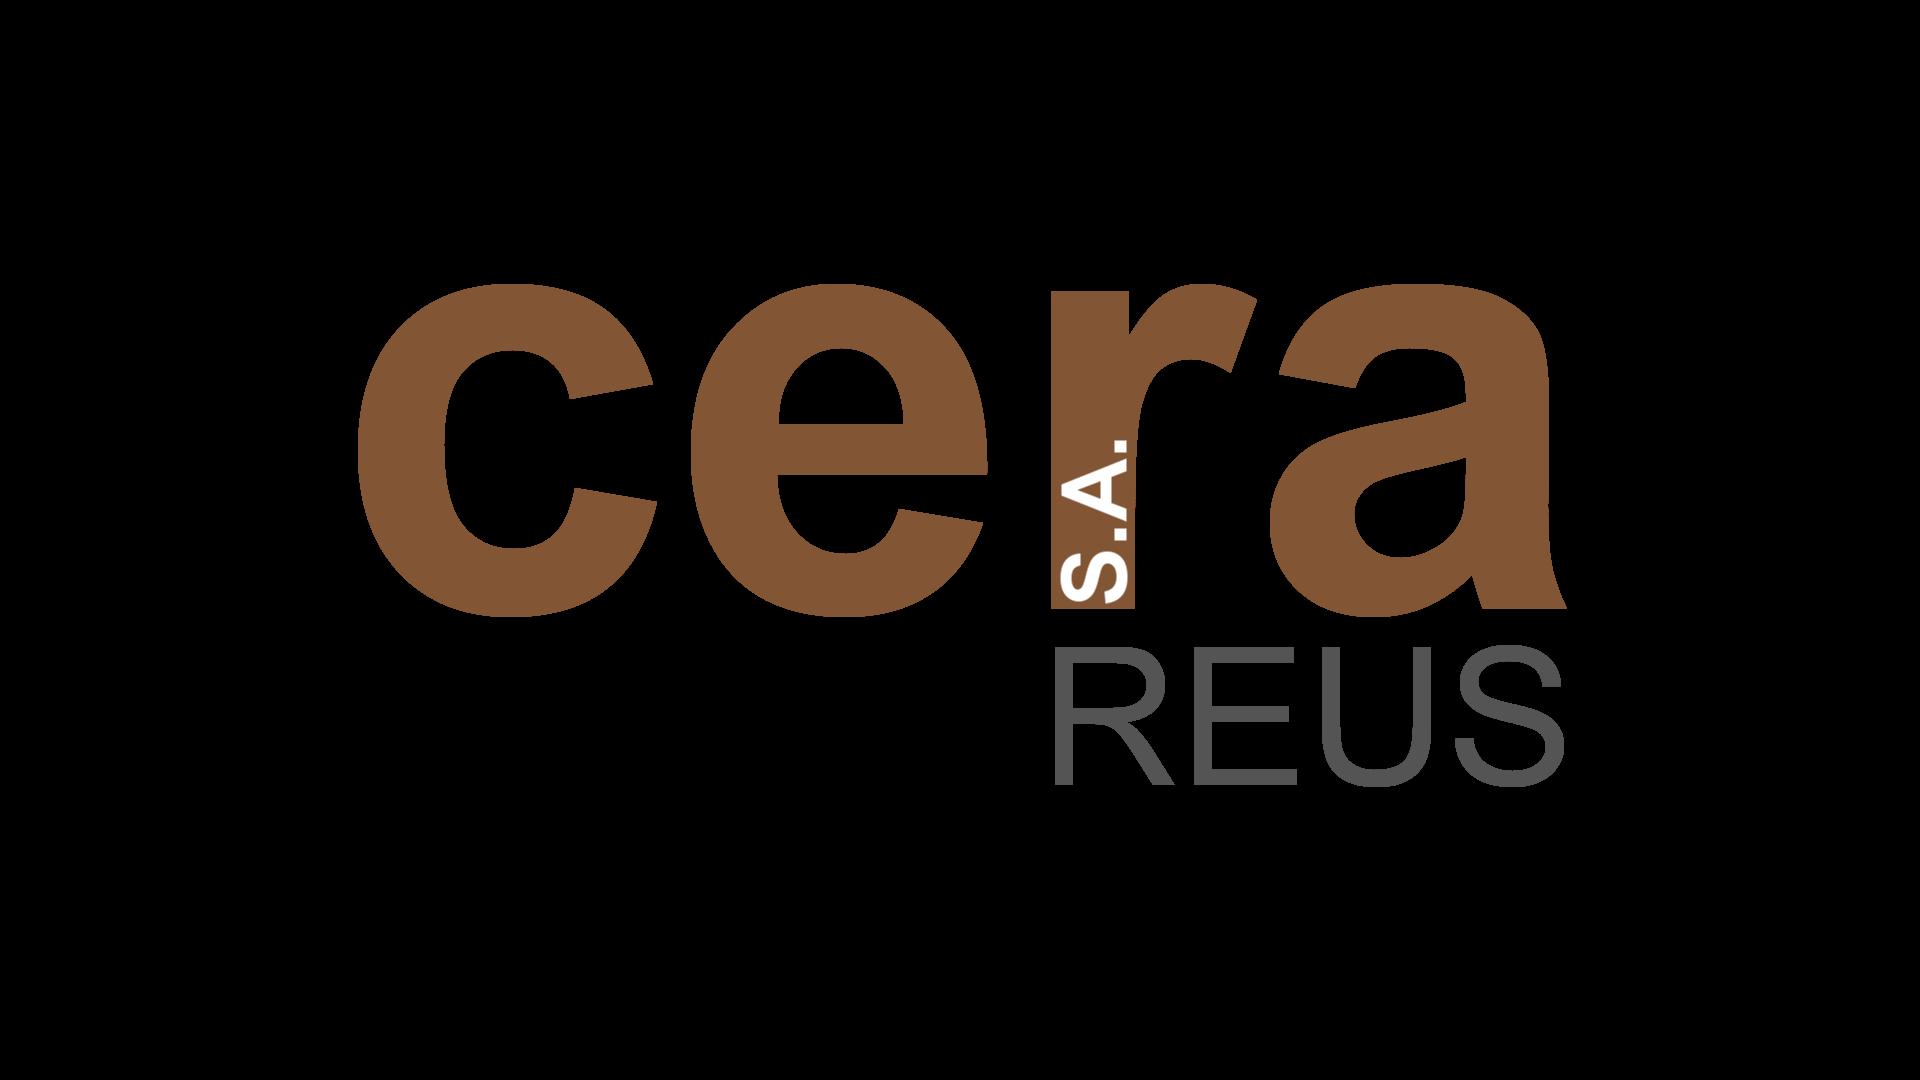 CERAREUS